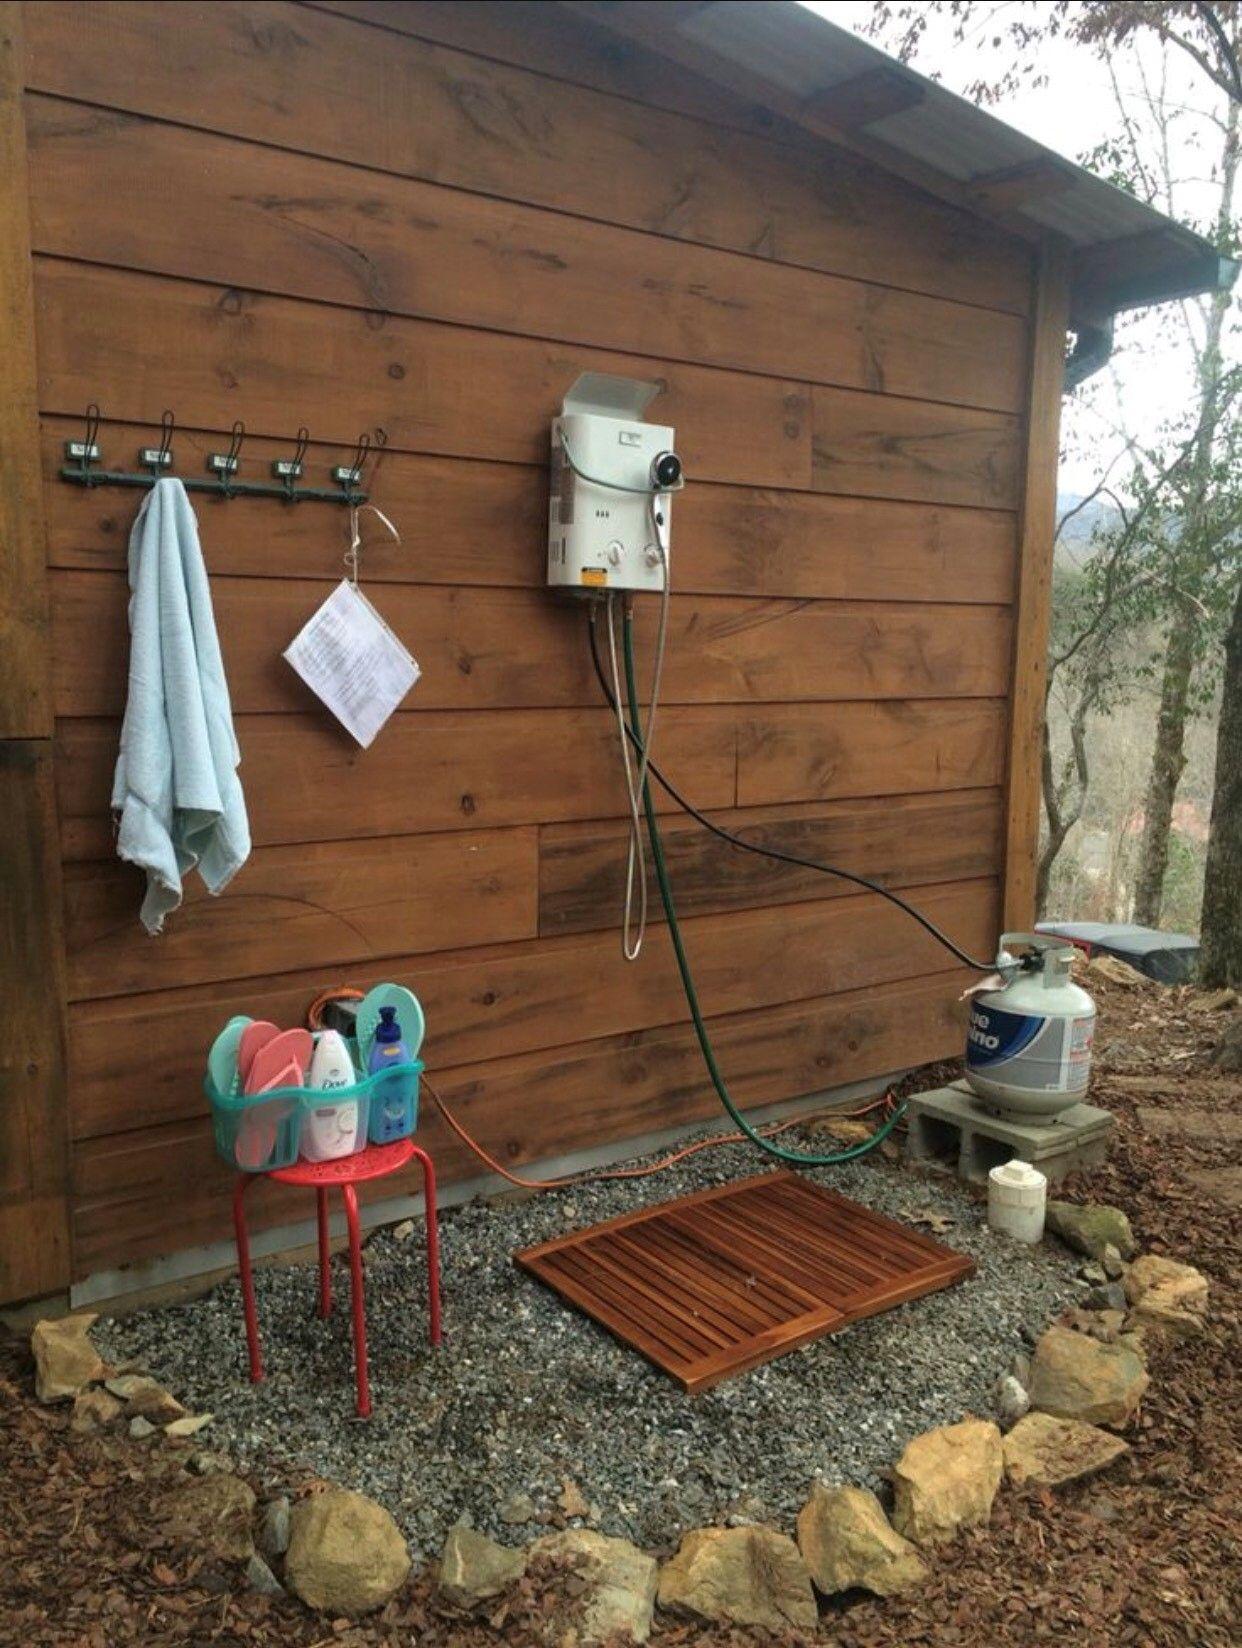 129 Eccotemp Portable Shower Outdoor Bathrooms Outdoor Shower Outdoor Shower Diy